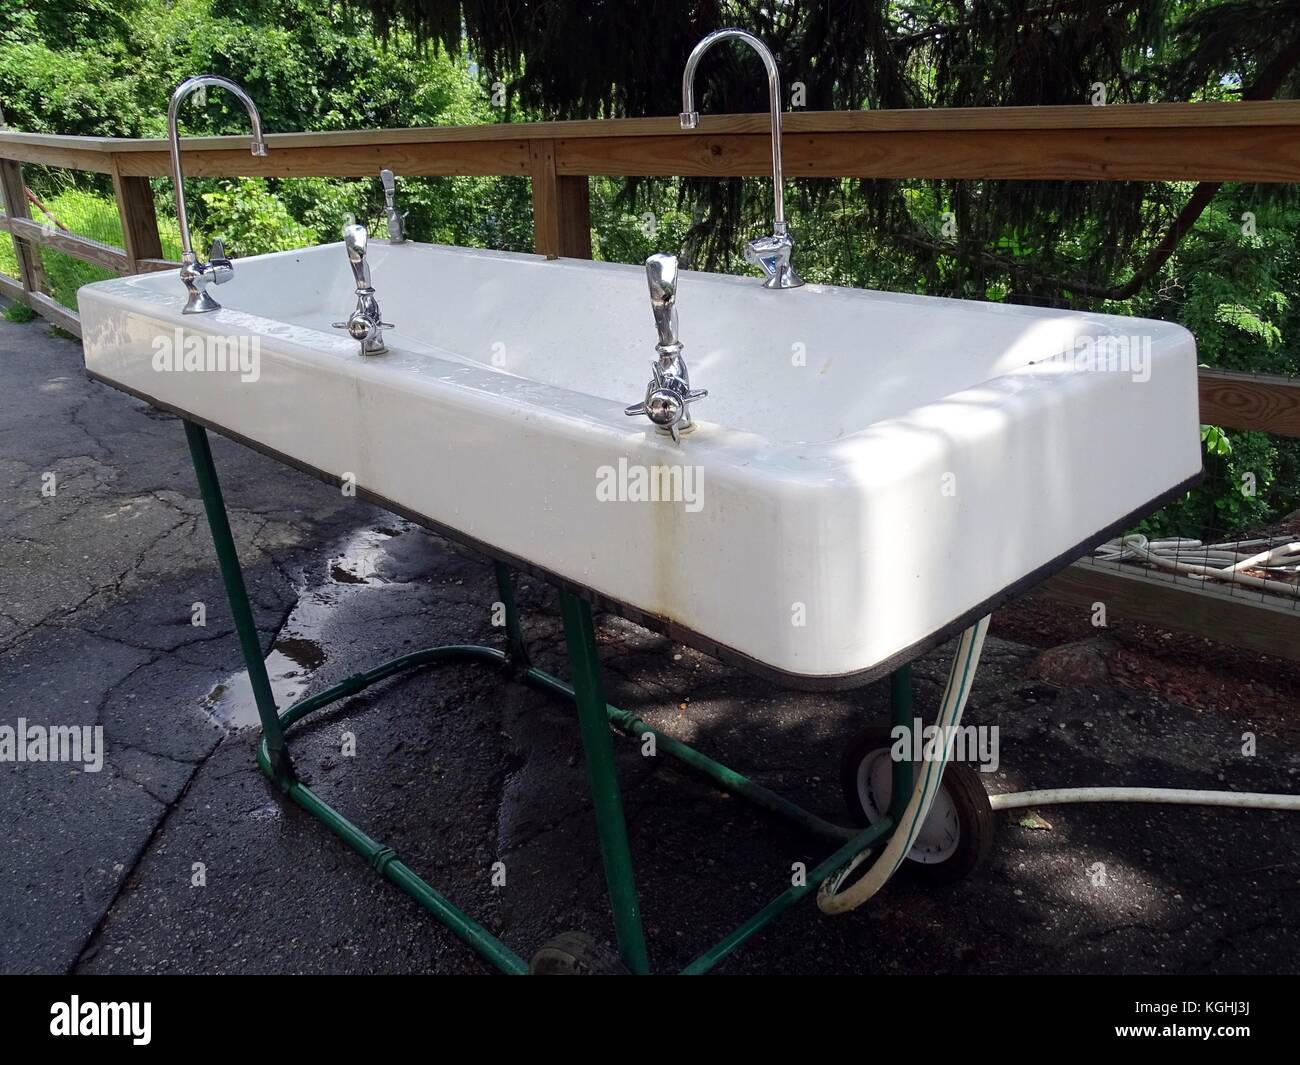 Outdoor Waschbecken.Eine Mobile Outdoor Waschbecken Werk Einschließlich Wasser